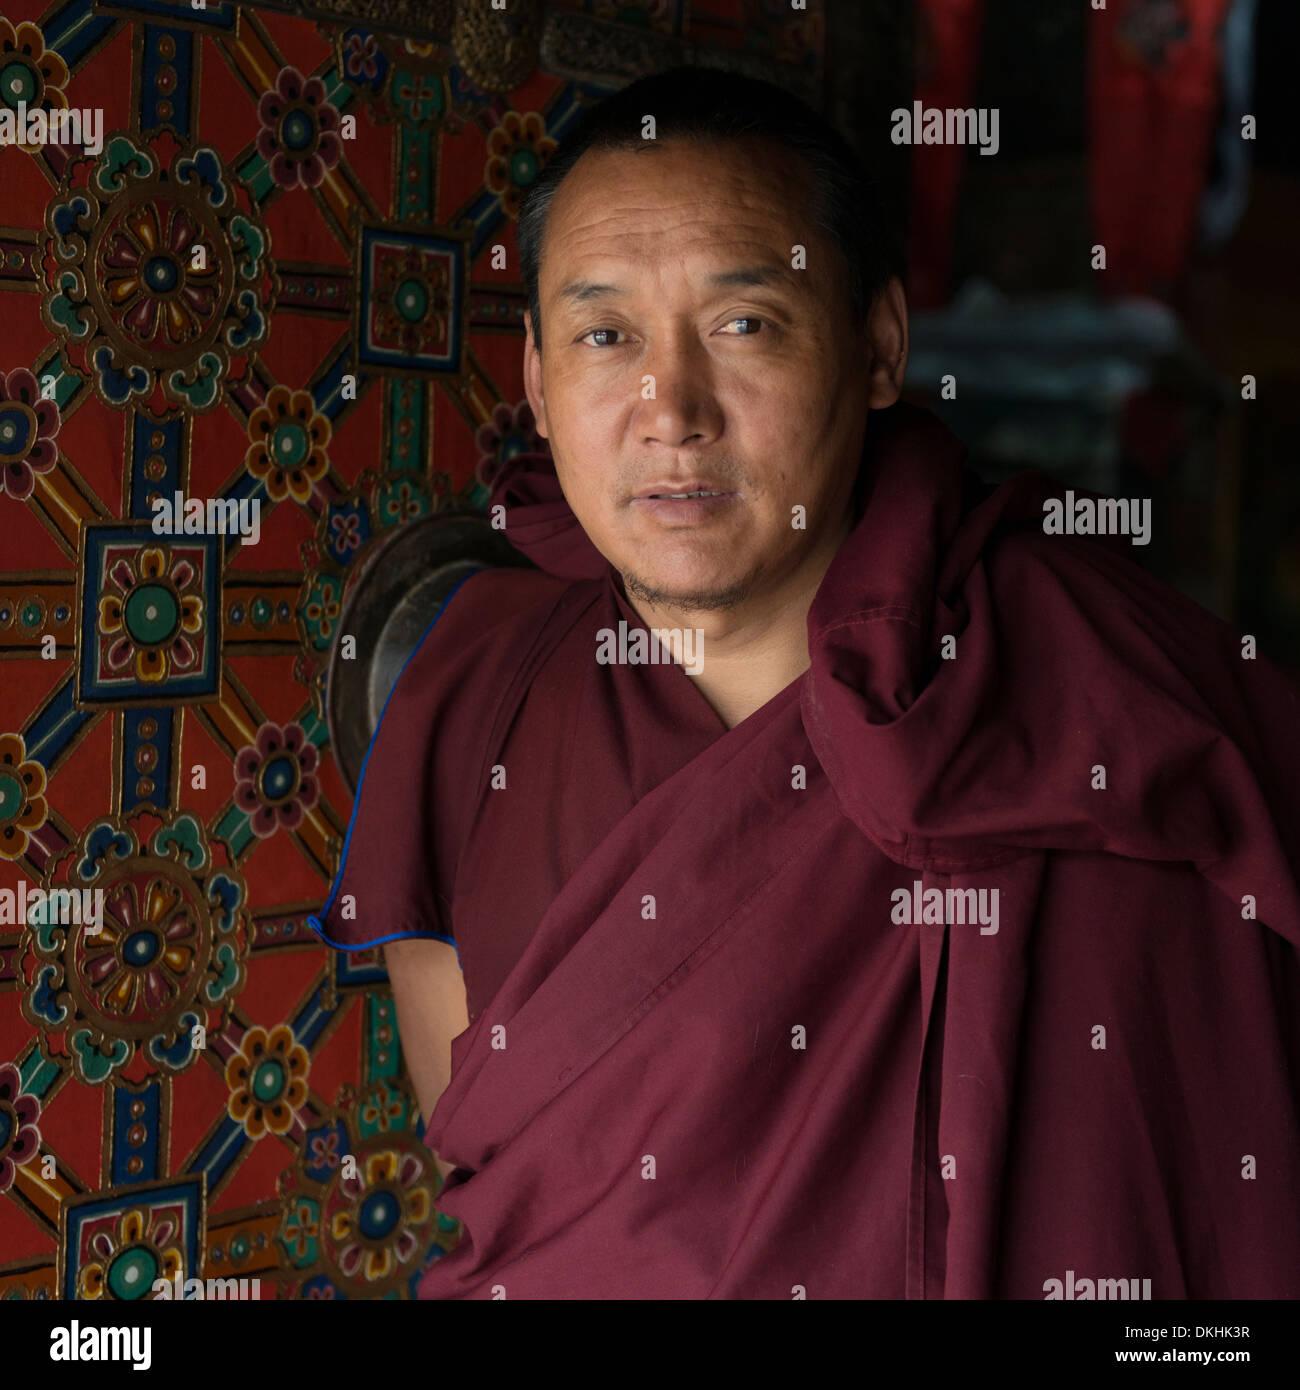 Moine bouddhiste au monastère de Drepung, à Lhassa, Tibet, Chine Banque D'Images